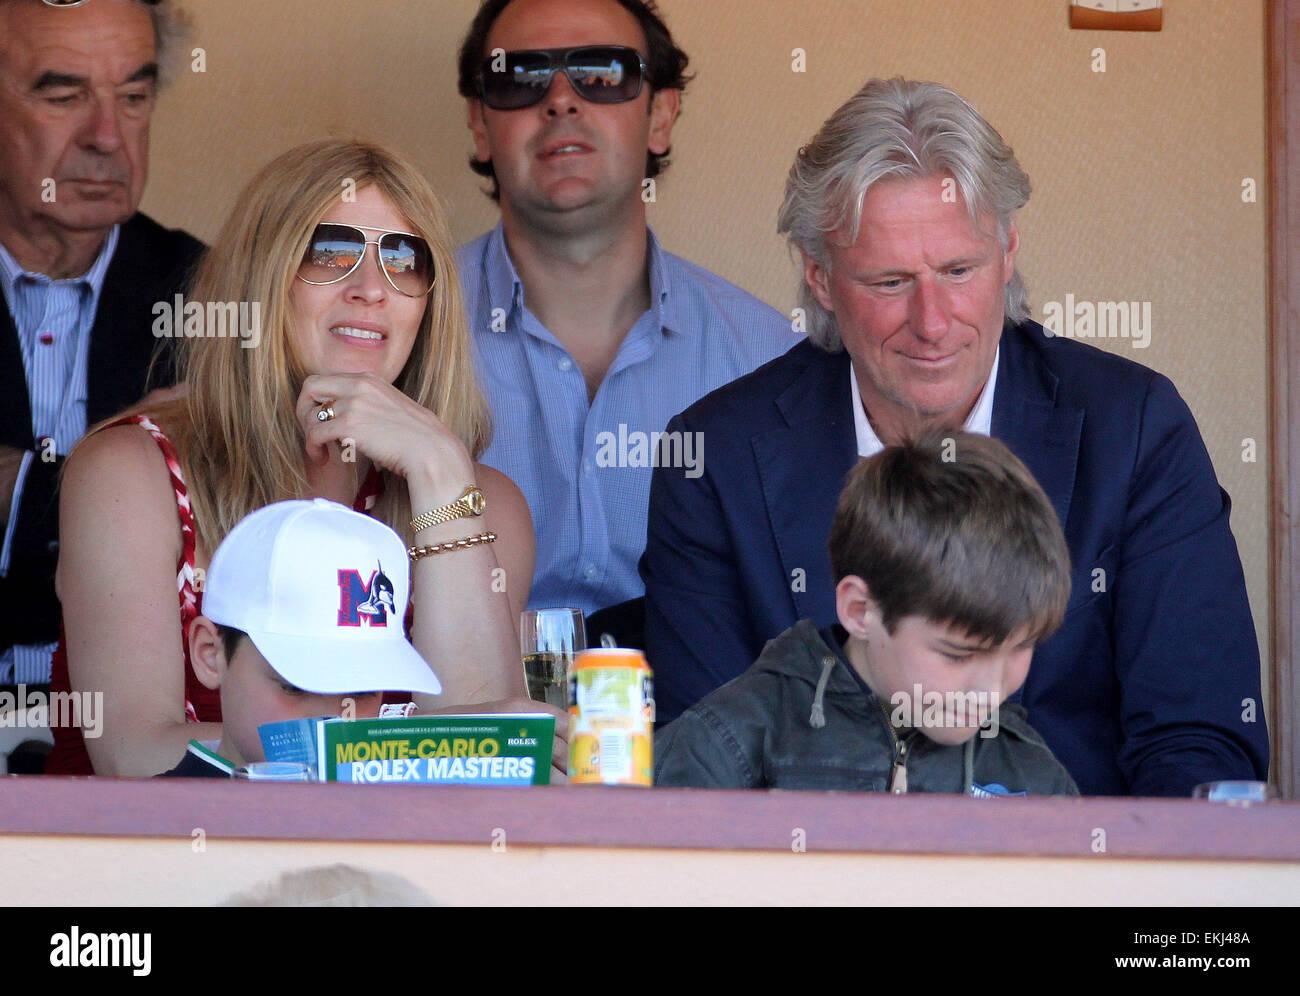 21.aprile.2012. MONACO Bjorn Borg e la moglie di partecipare alle  semifinali A MONTE-CARLO Rolex Masters Foto stock - Alamy